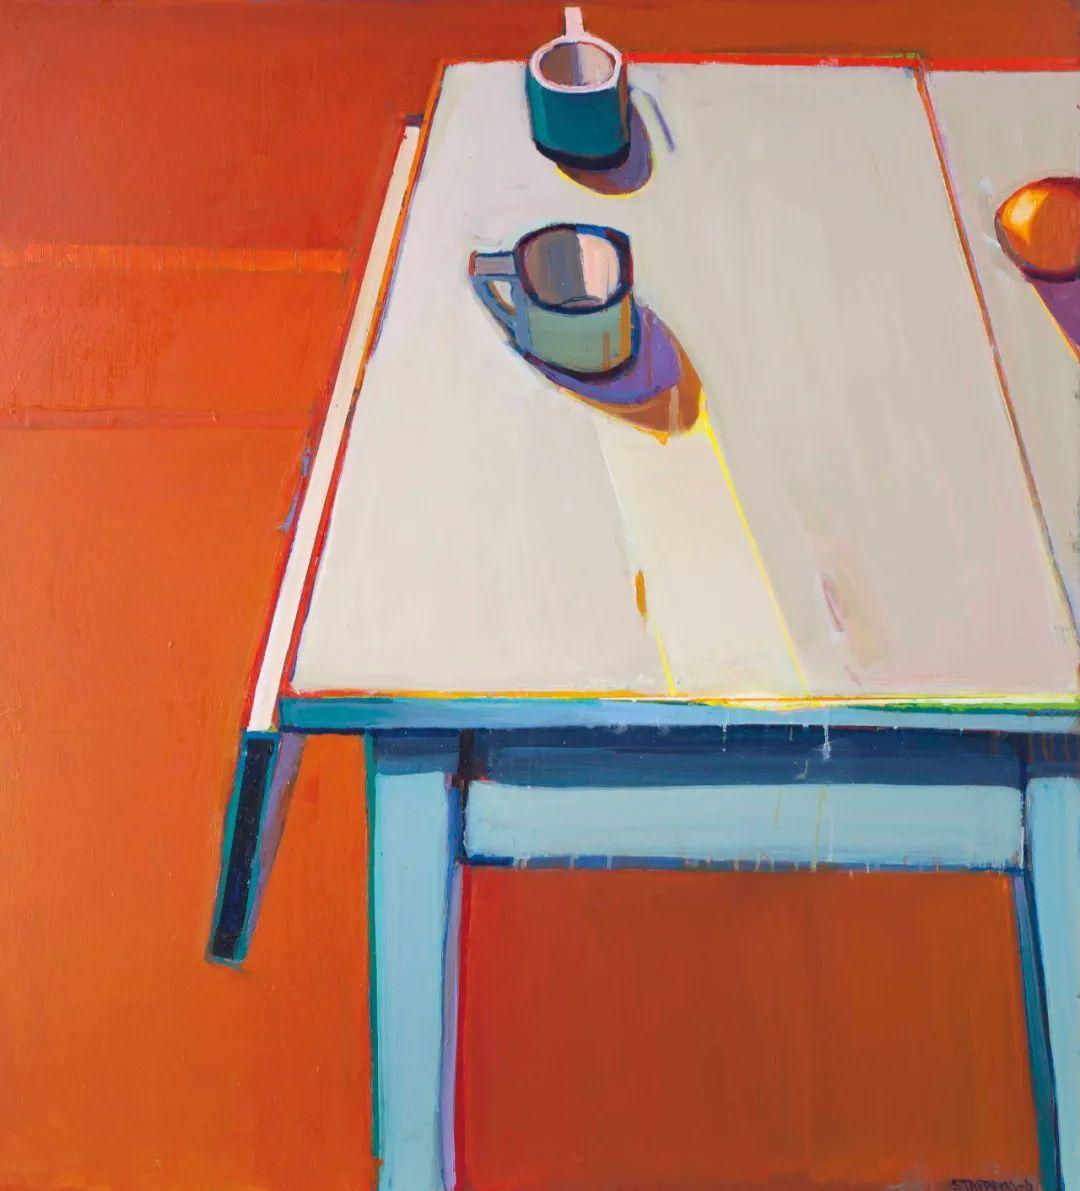 浓烈的色彩与极简的构图   莱蒙兹·斯塔普兰斯油画作品插图35